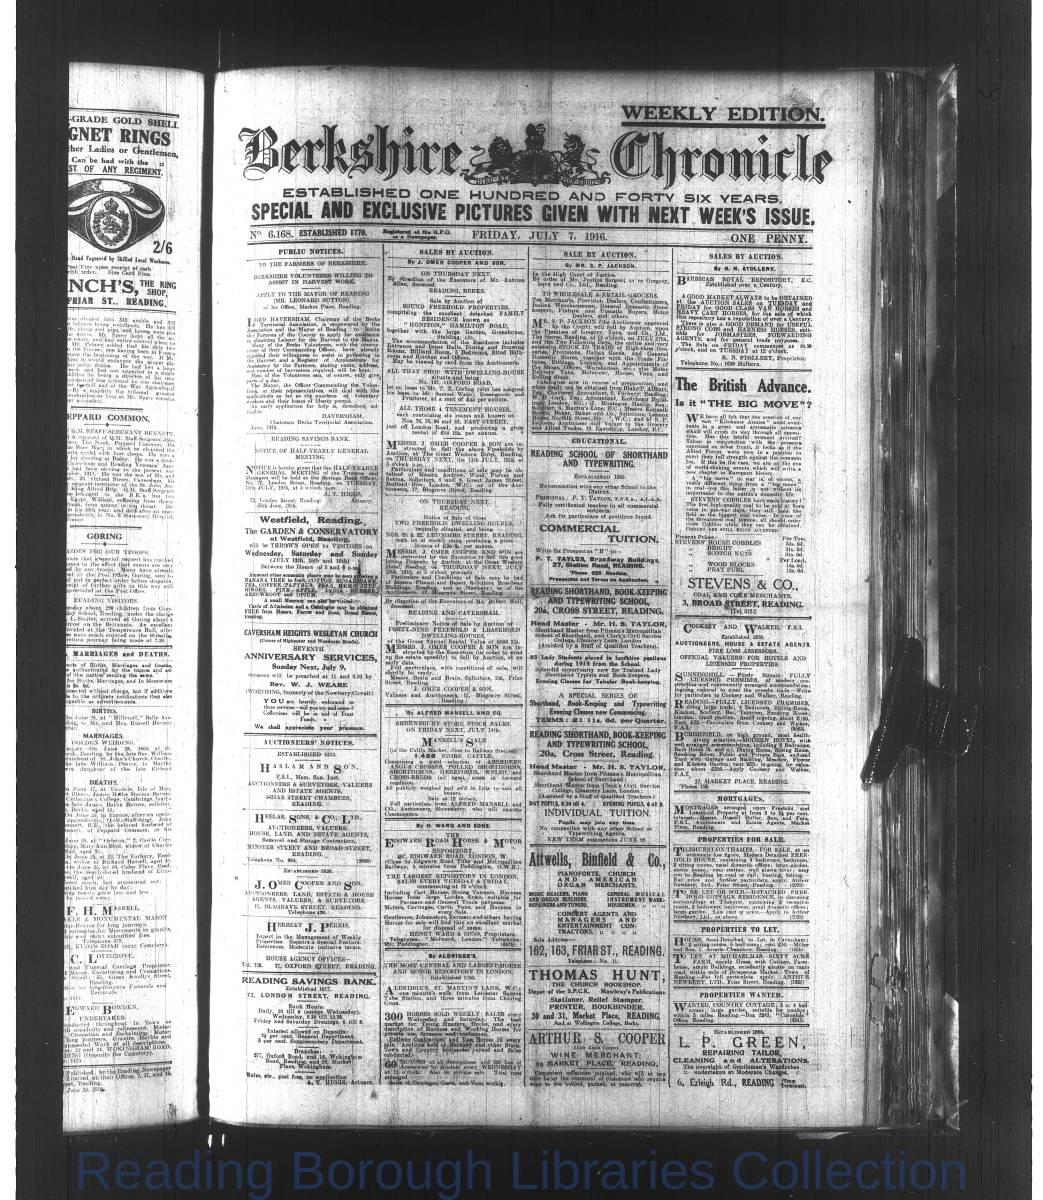 Berkshire Chronicle Reading_07-07-1916_00002.jpg